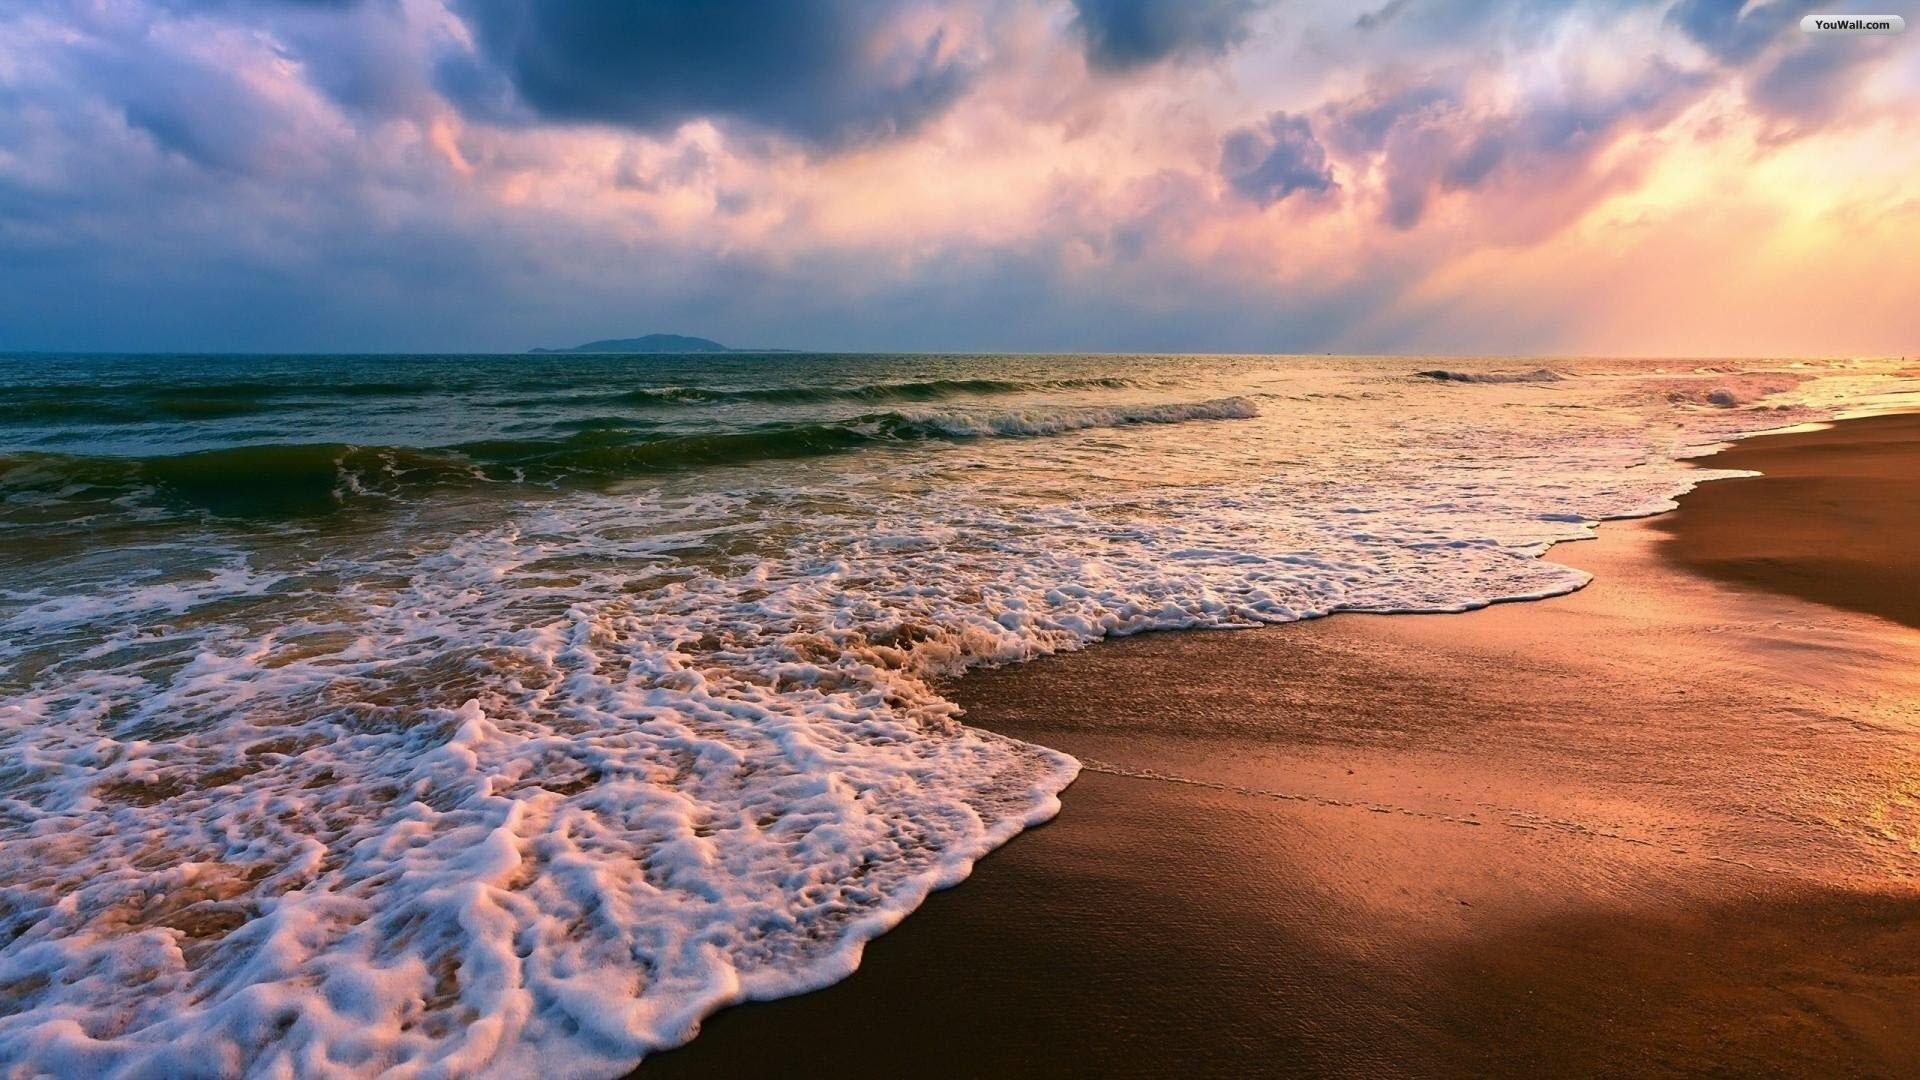 beach sunset wallpaper https://www.4gwallpapers.com/wp-content